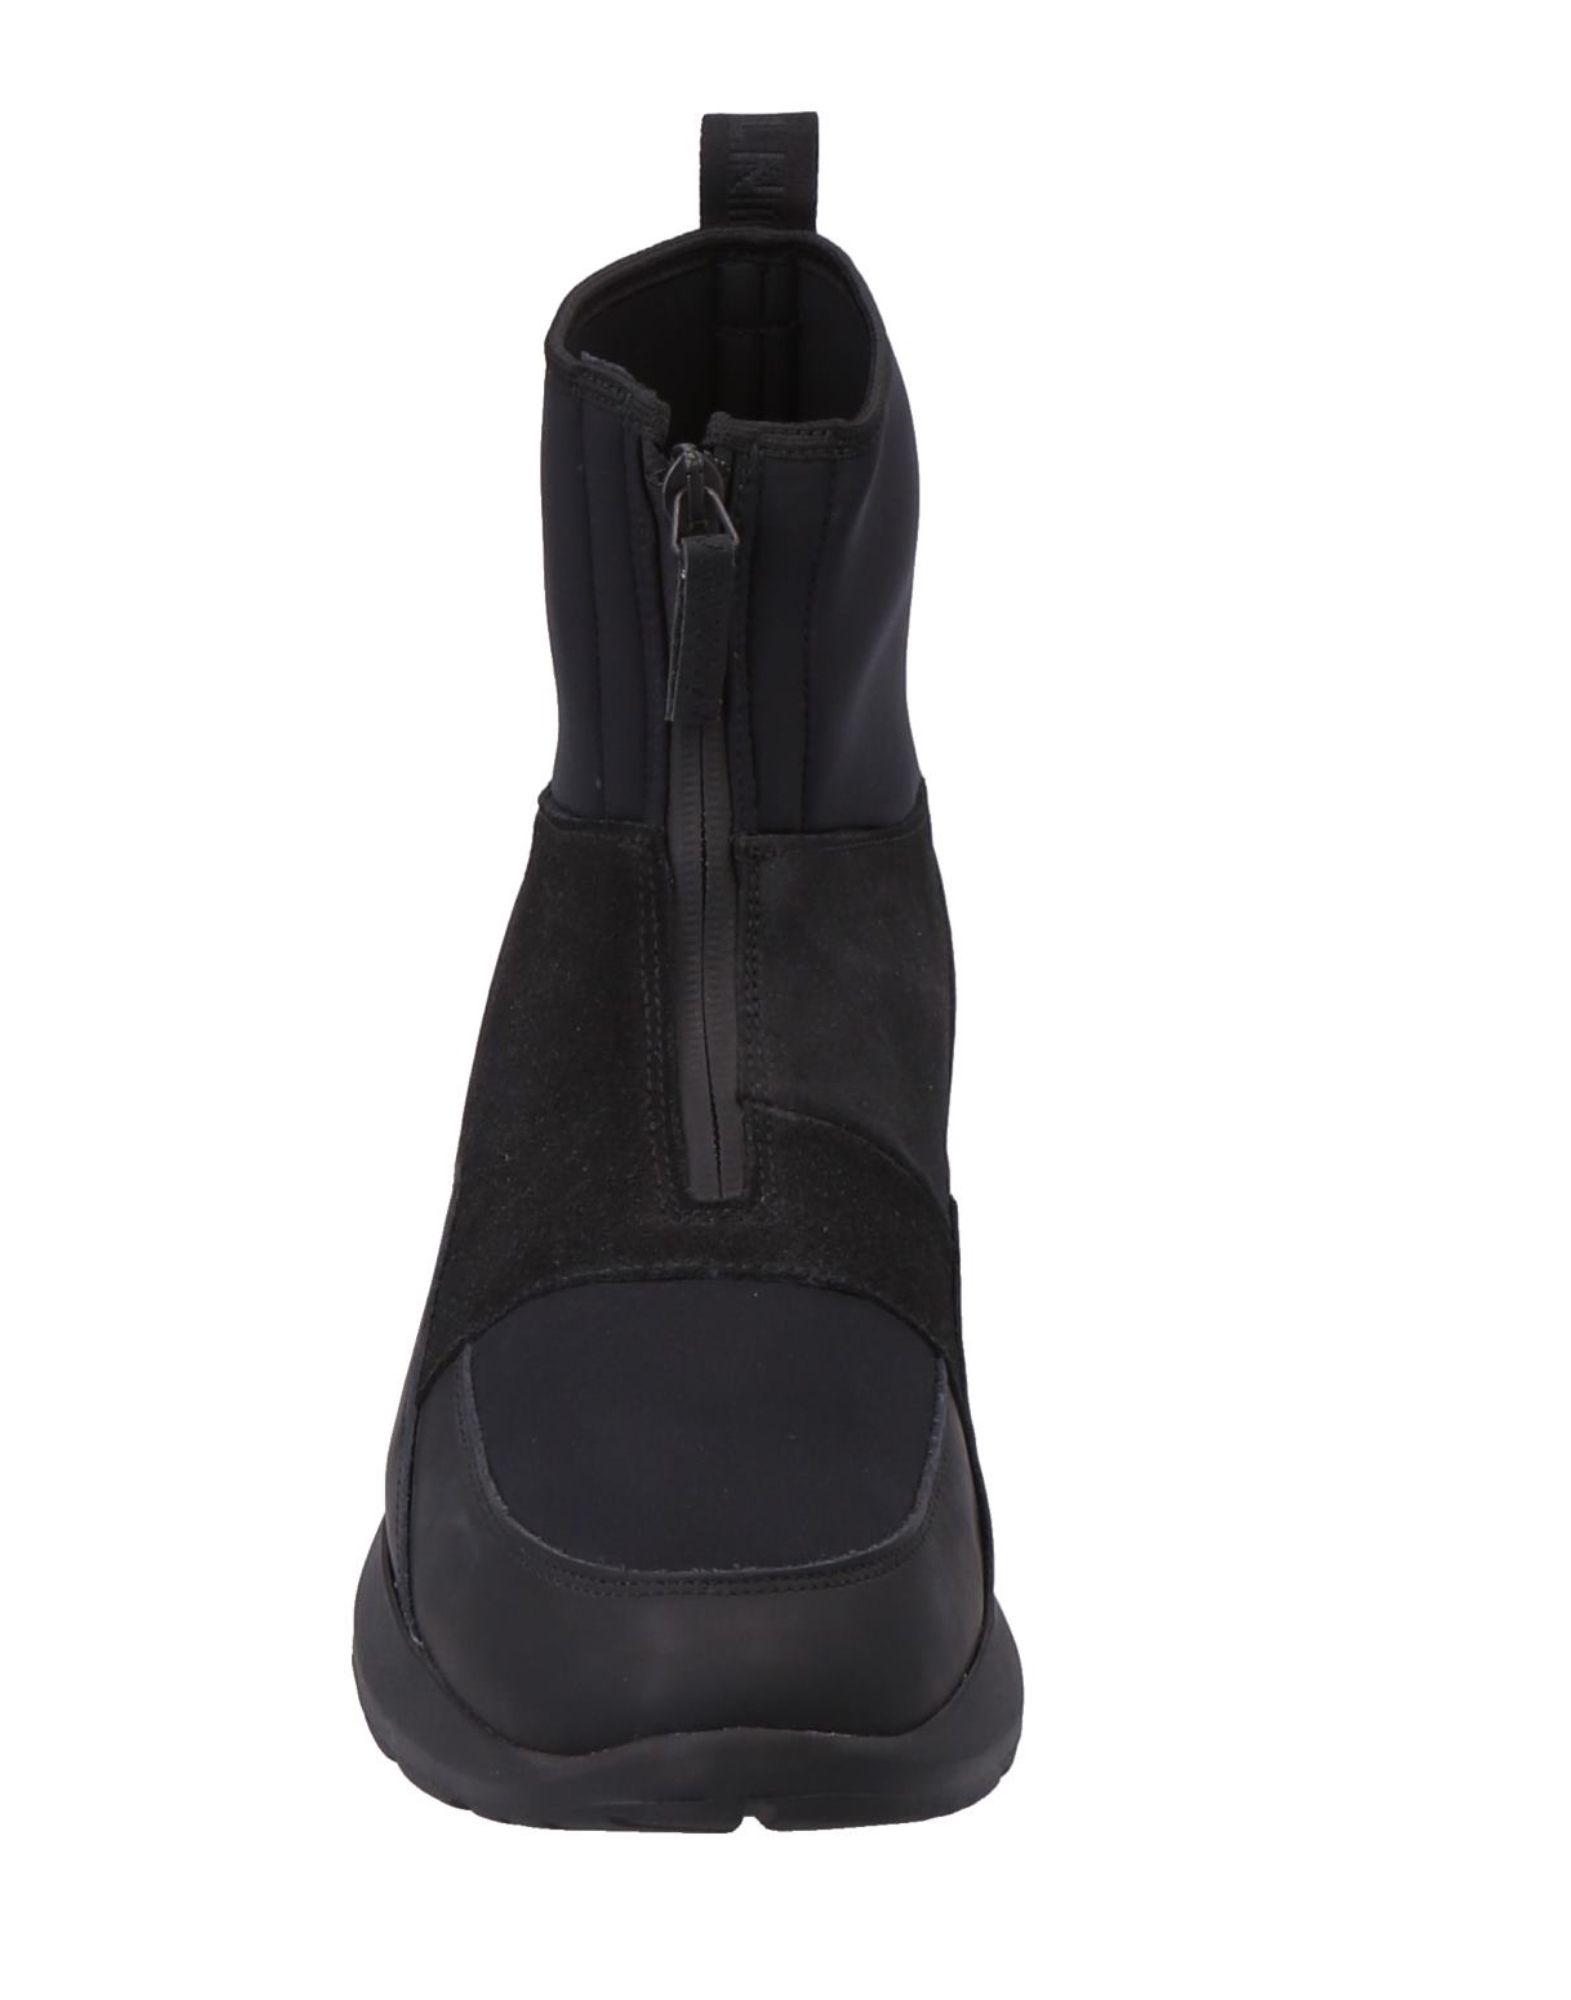 Marcelo Burlon Stiefelette Herren beliebte  11555260EW Gute Qualität beliebte Herren Schuhe 952cab